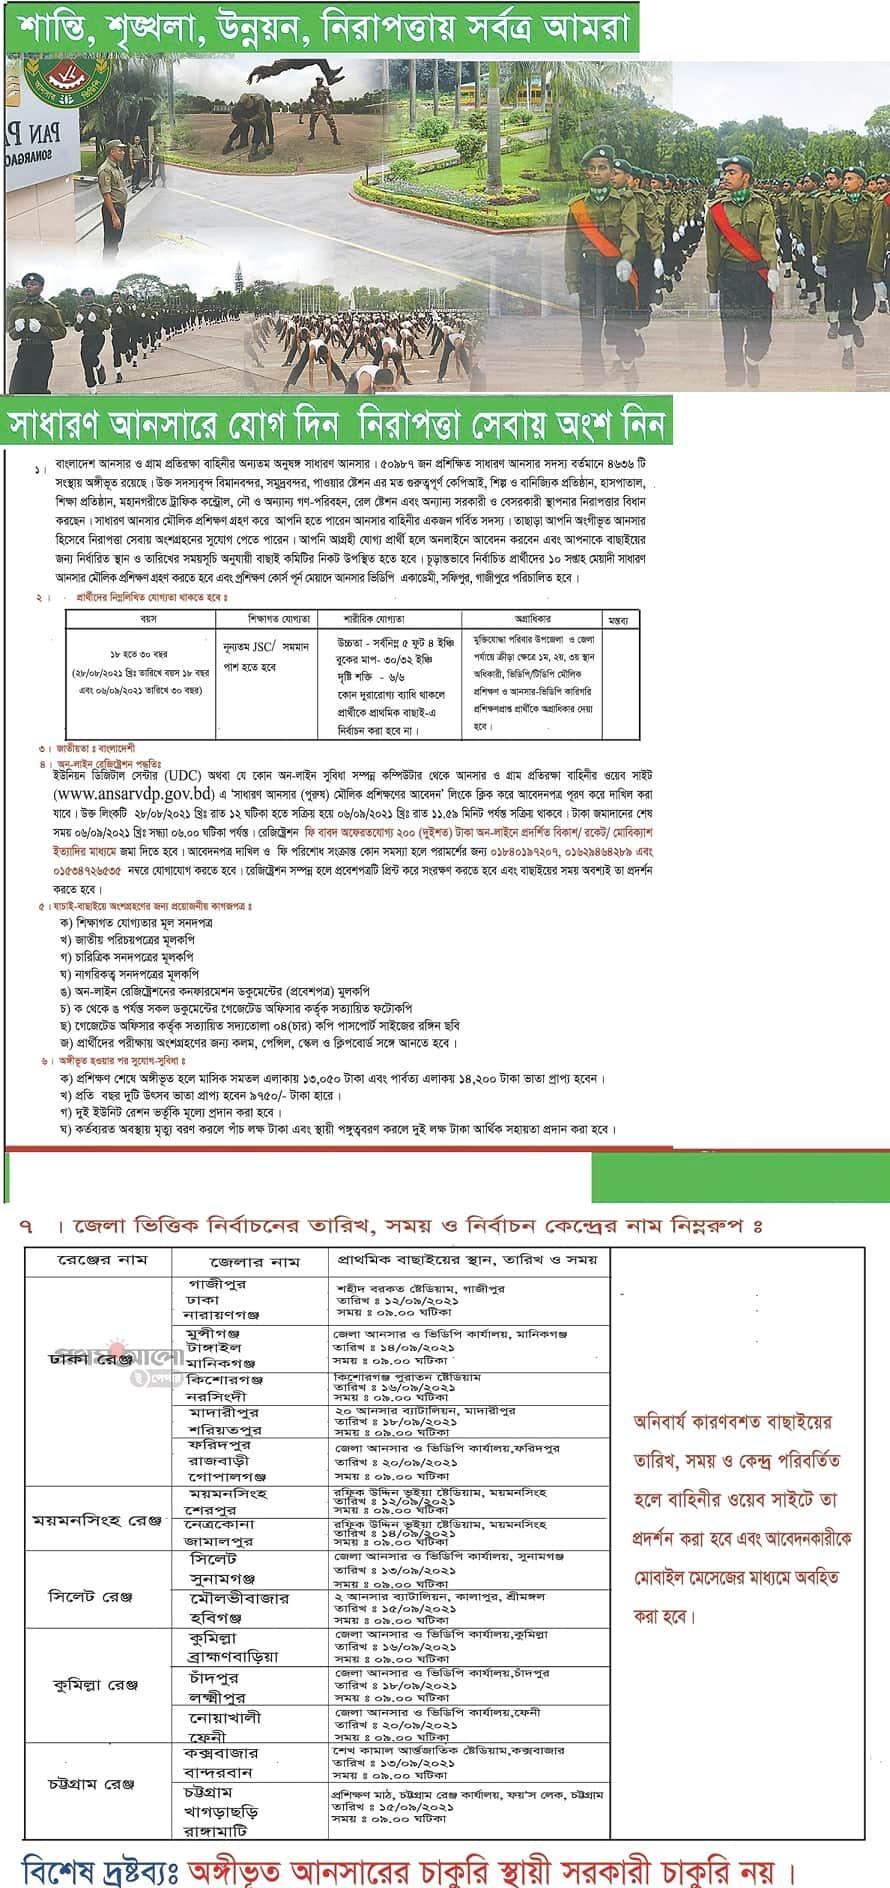 Bangladesh Ansar VDP Job Circular 2021